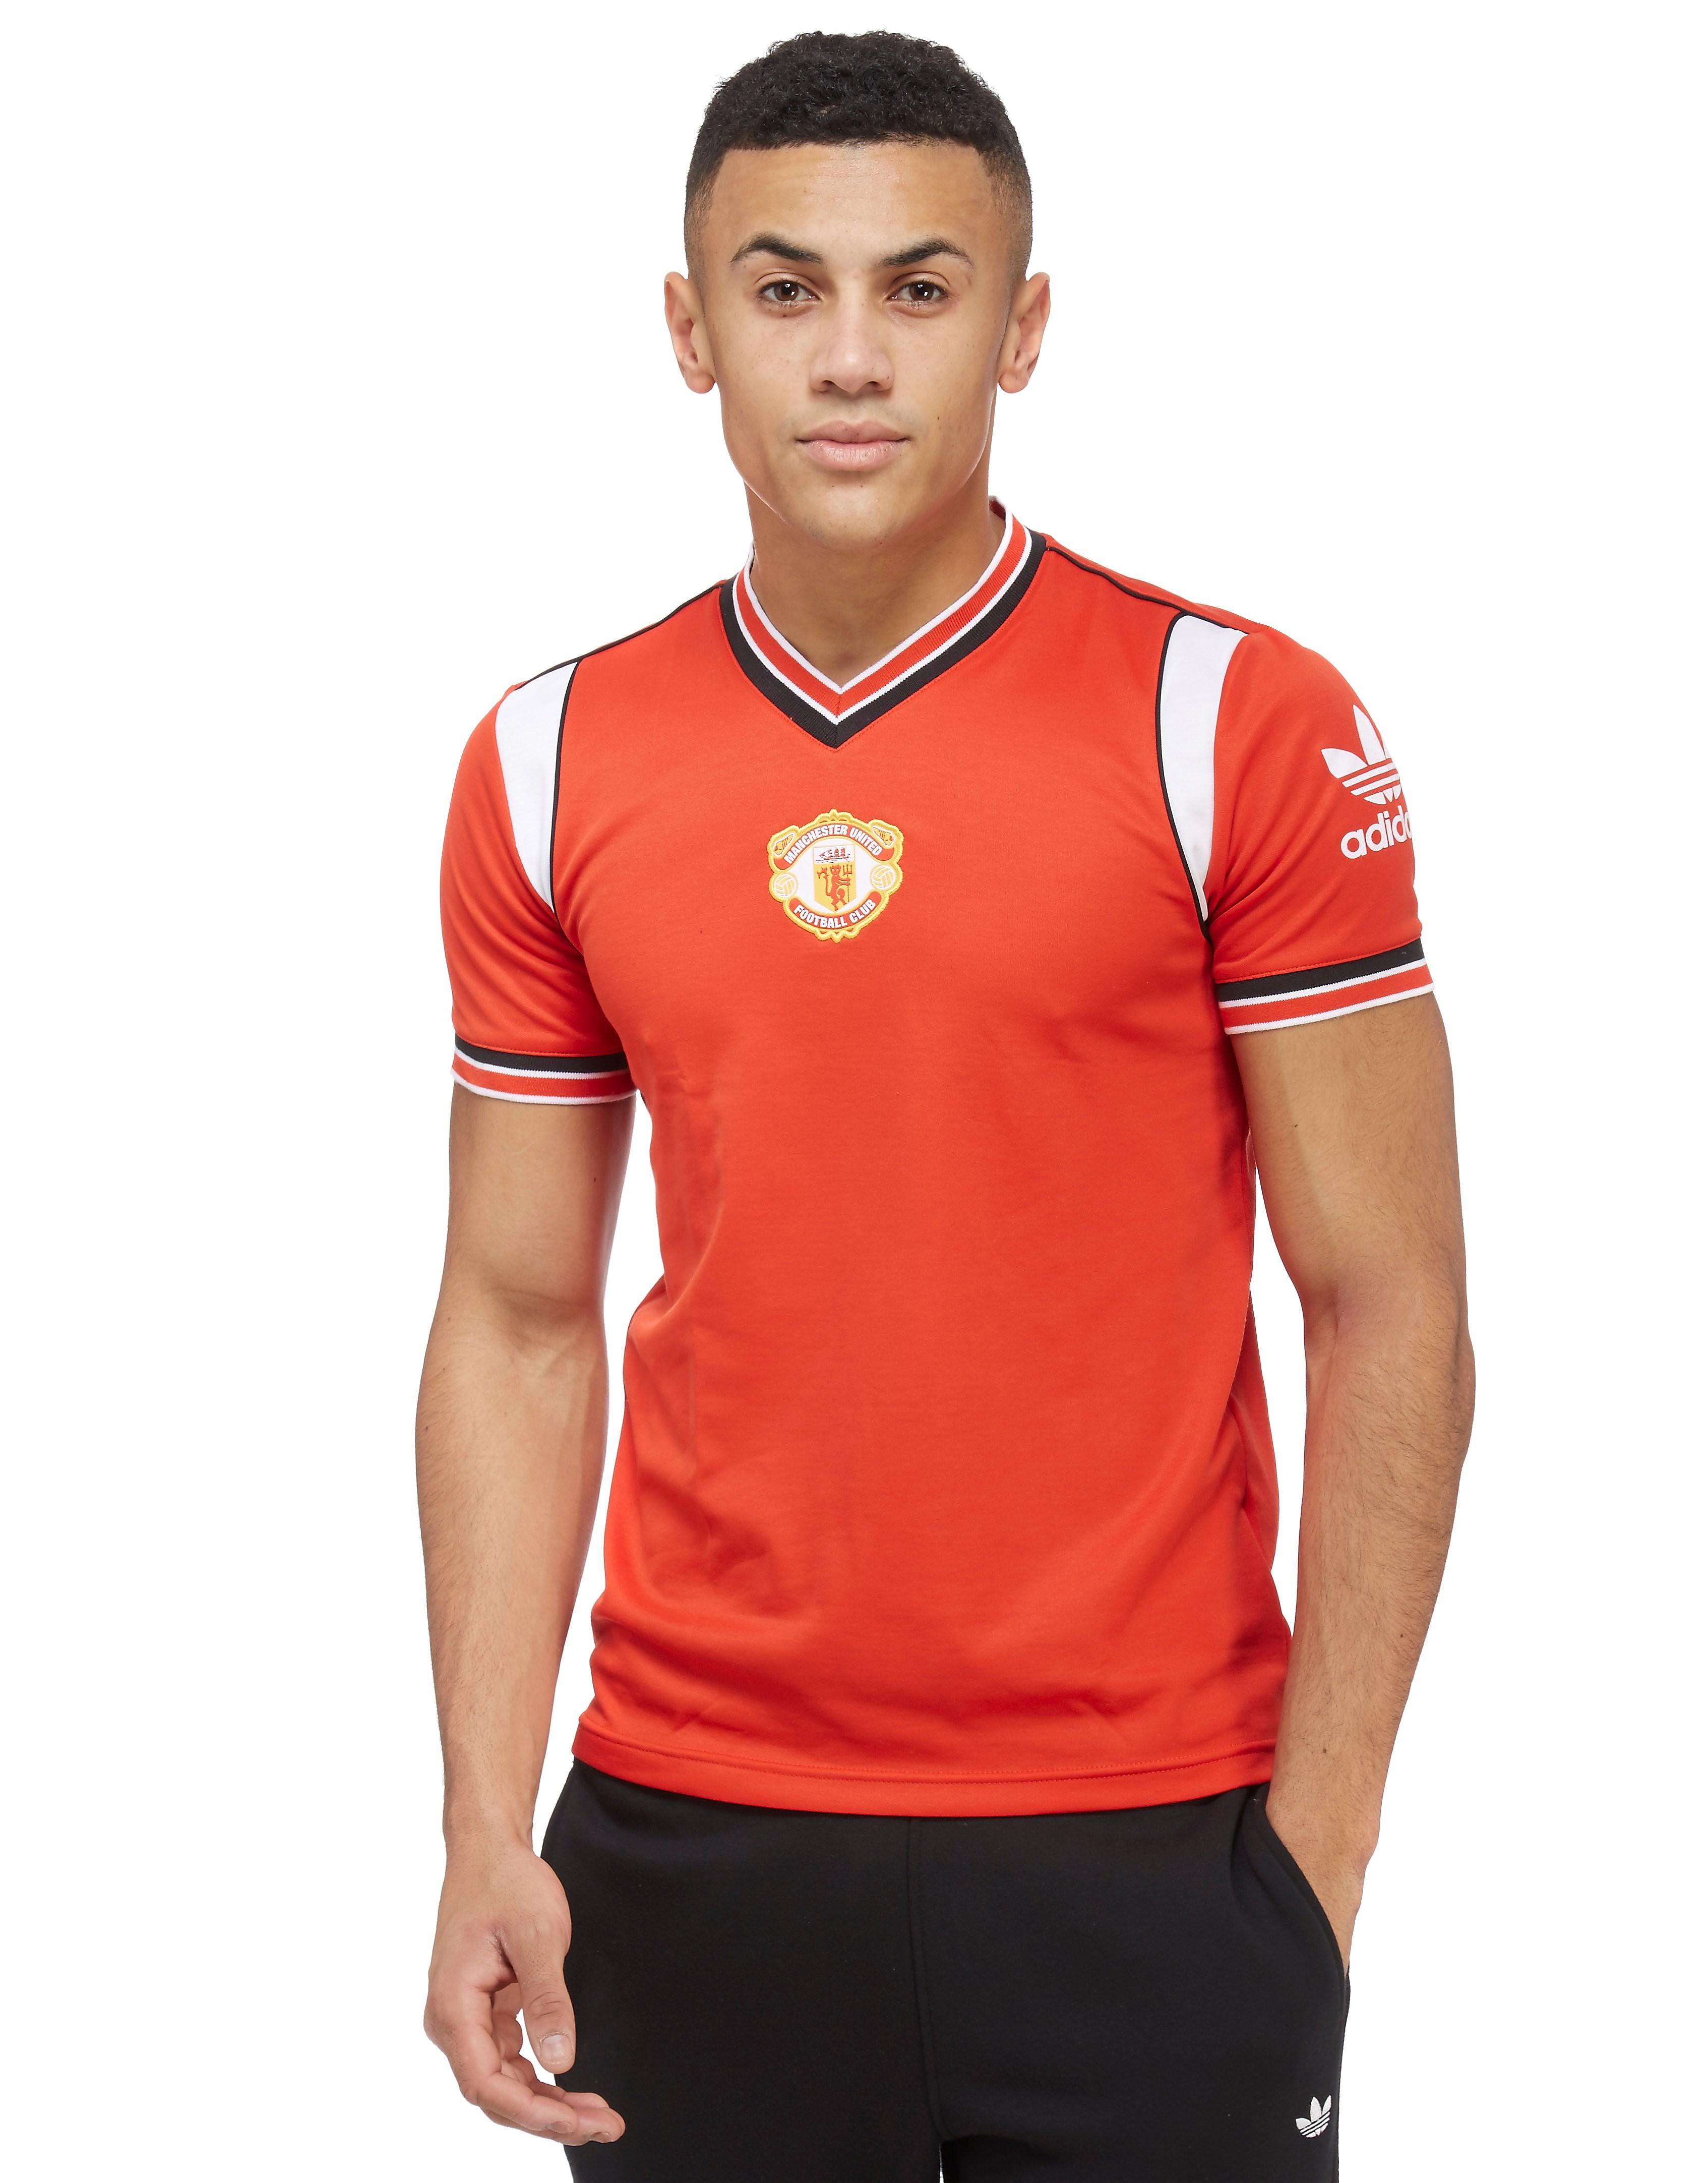 adidas Originals Manchester United 1985 Home Shirt